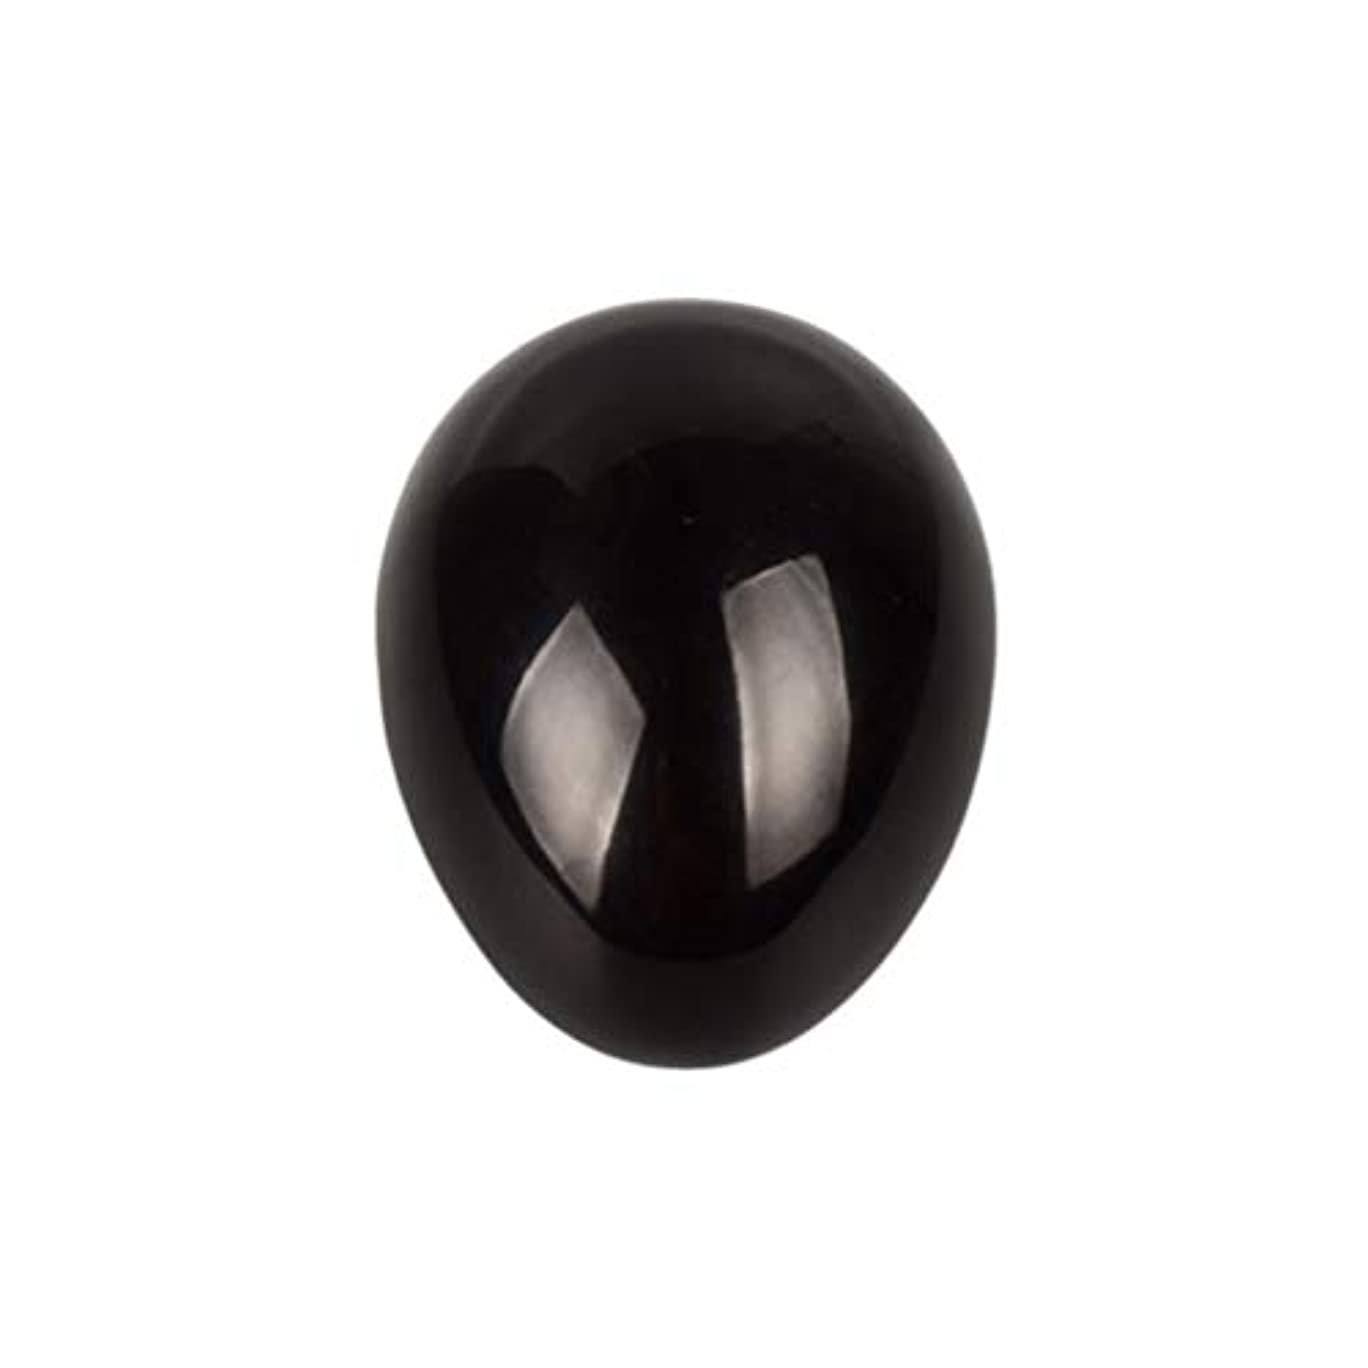 海里ブランデー快適SUPVOX 45×30×30ミリメートルのバランスをとる瞑想チャクラを癒すための黒曜石宝石用原石の卵球